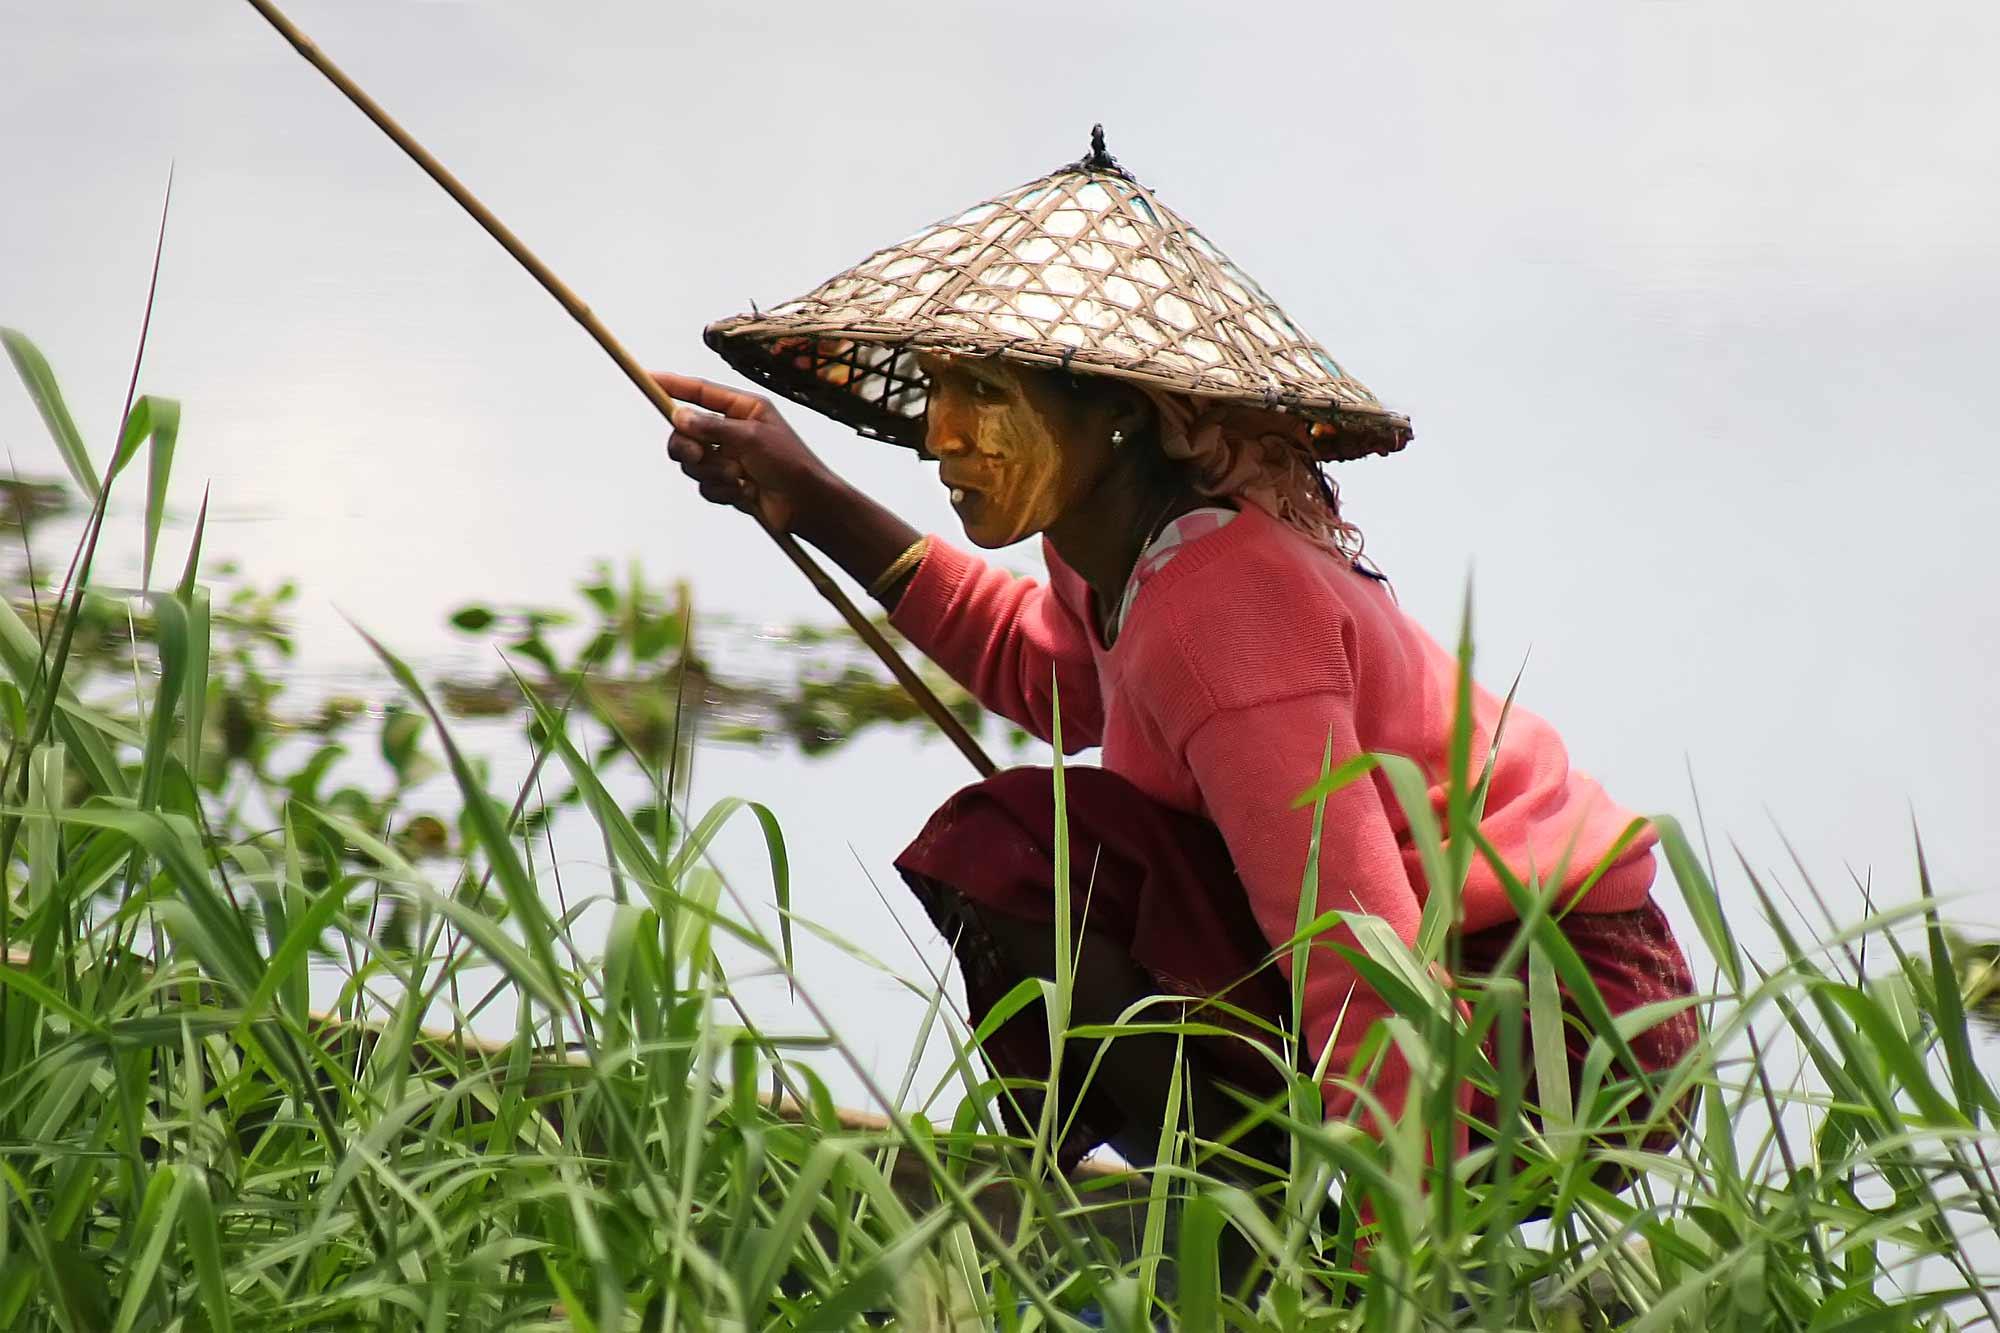 woman-imphal-lake-loktak-india-fishing